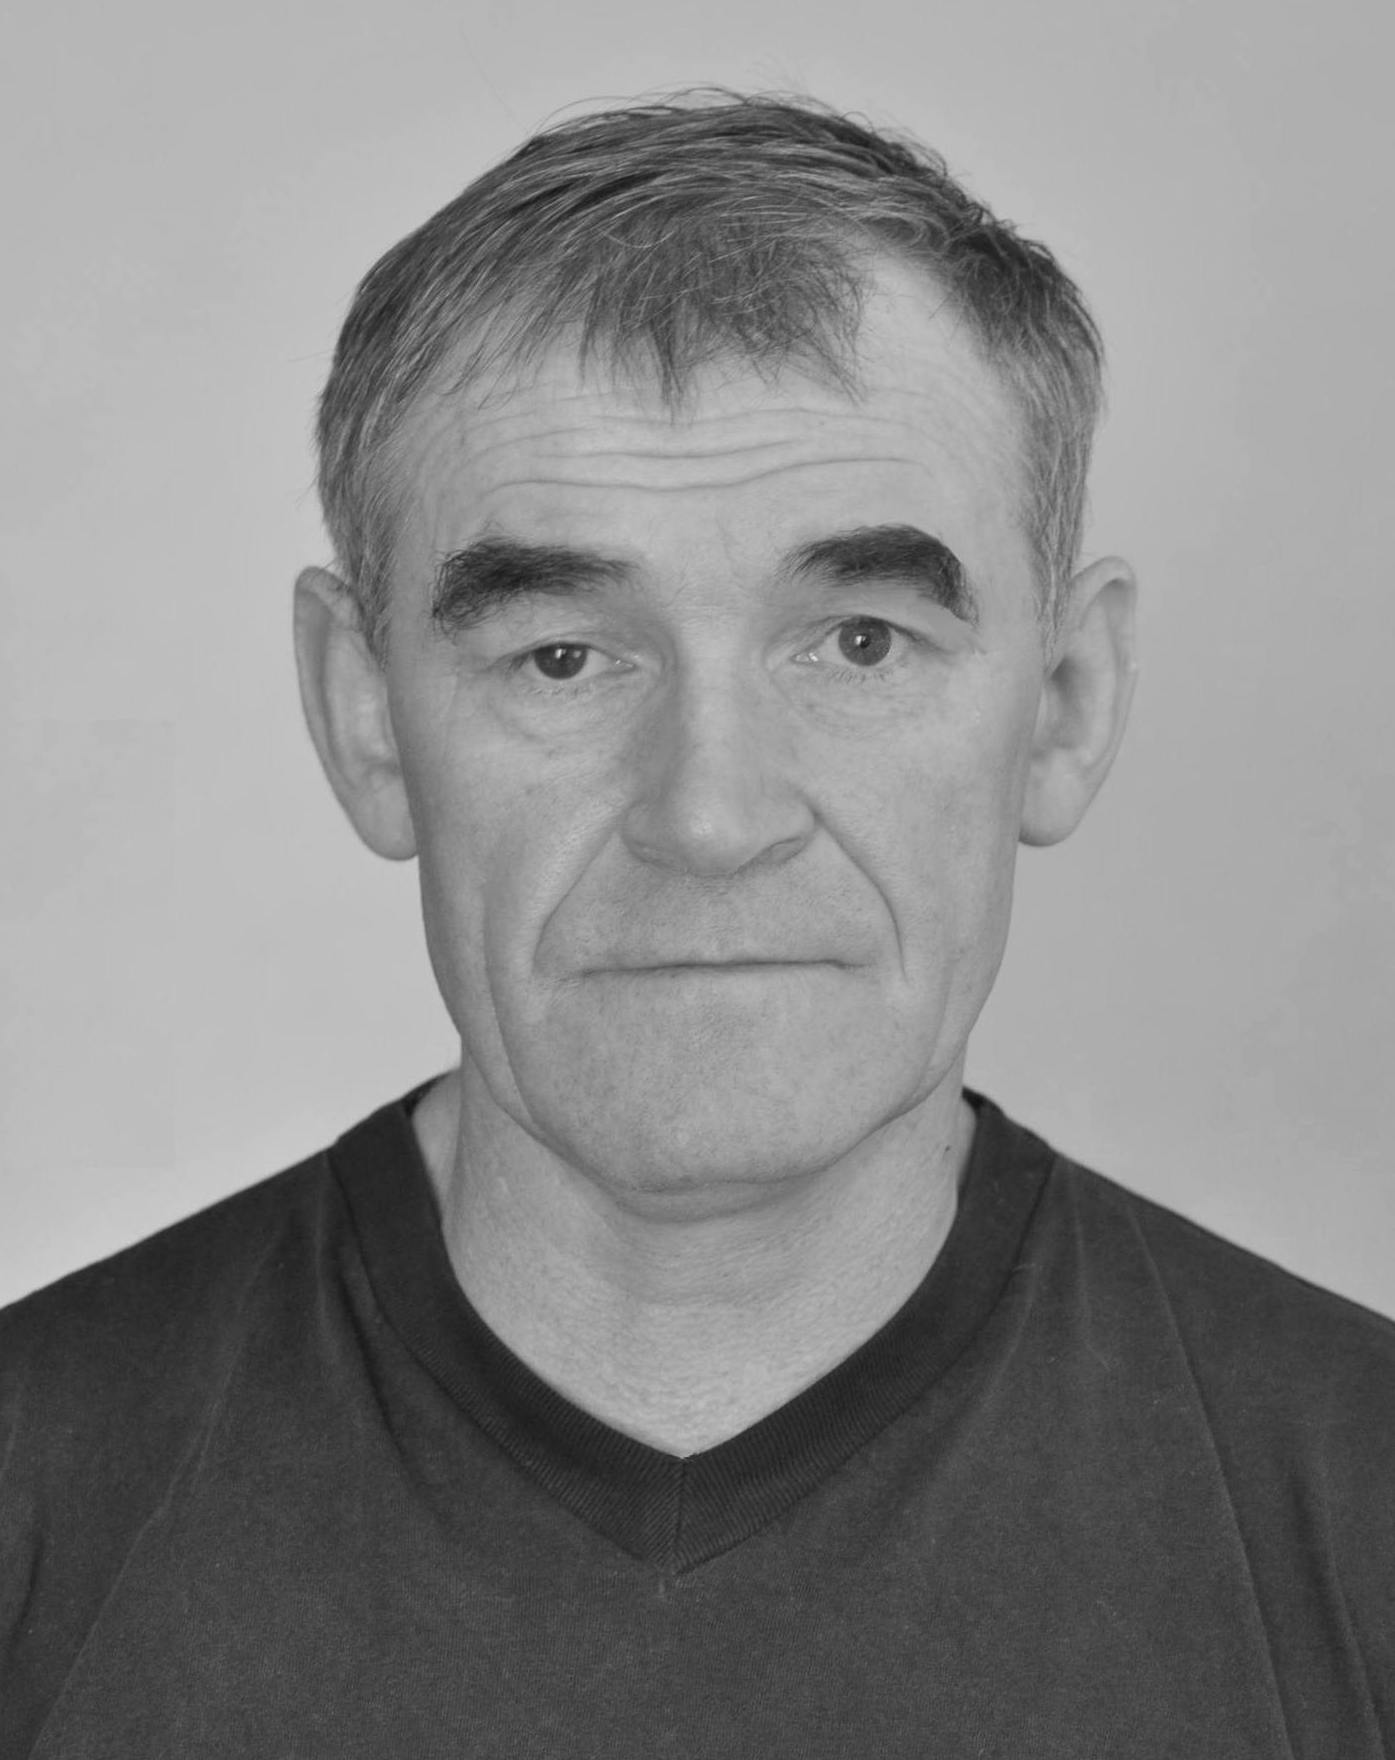 <b>Grzegorz Gętka</b> - Grzegorz-Getka